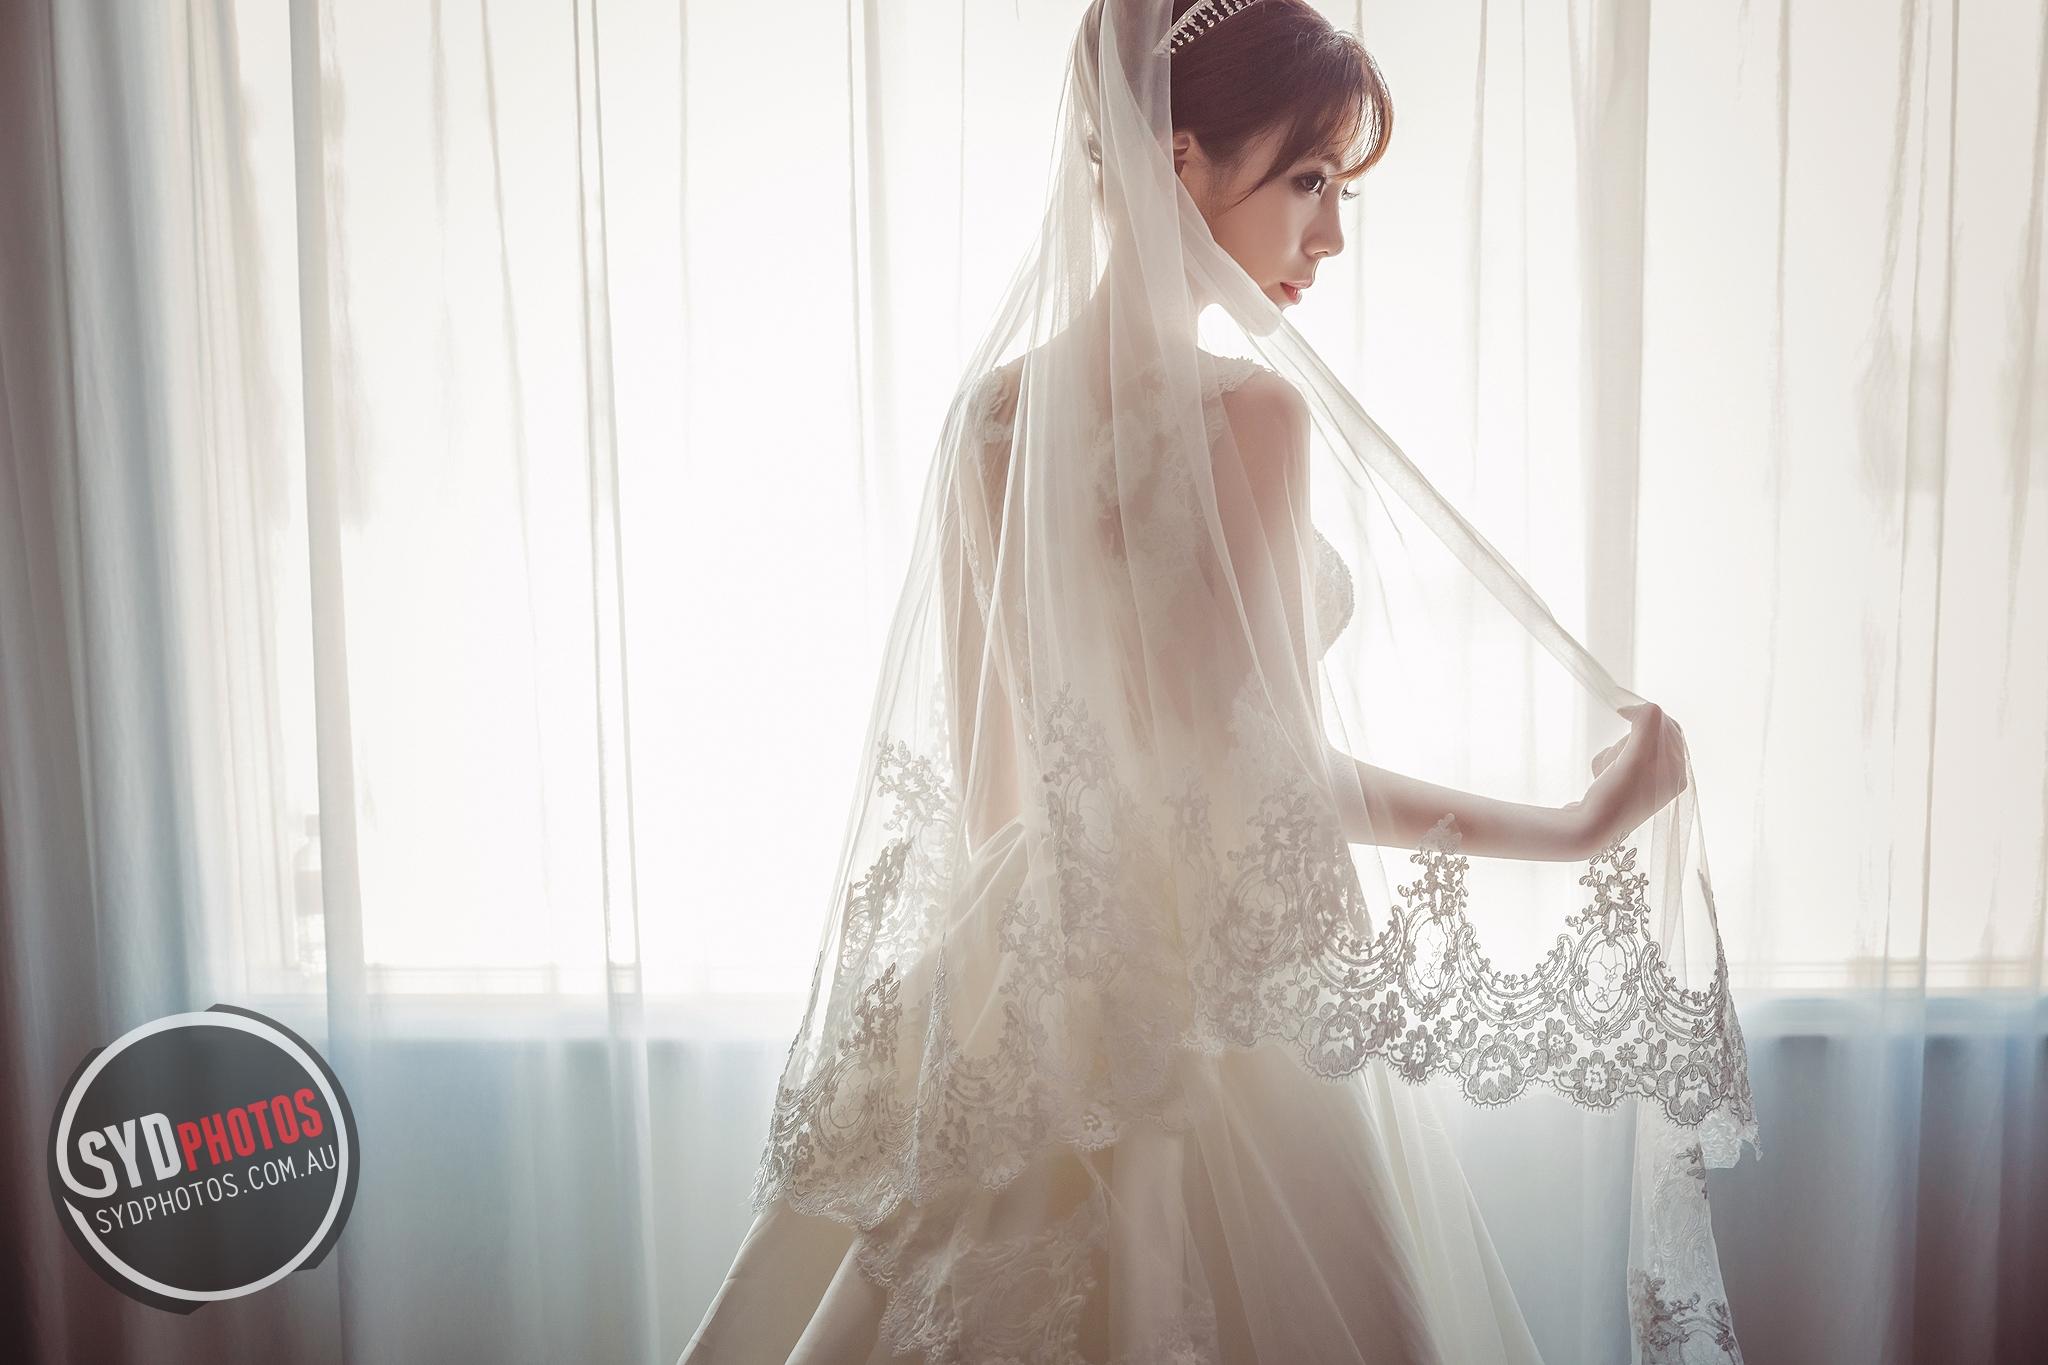 ID-55816-Lynn-wedding-悉尼婚礼